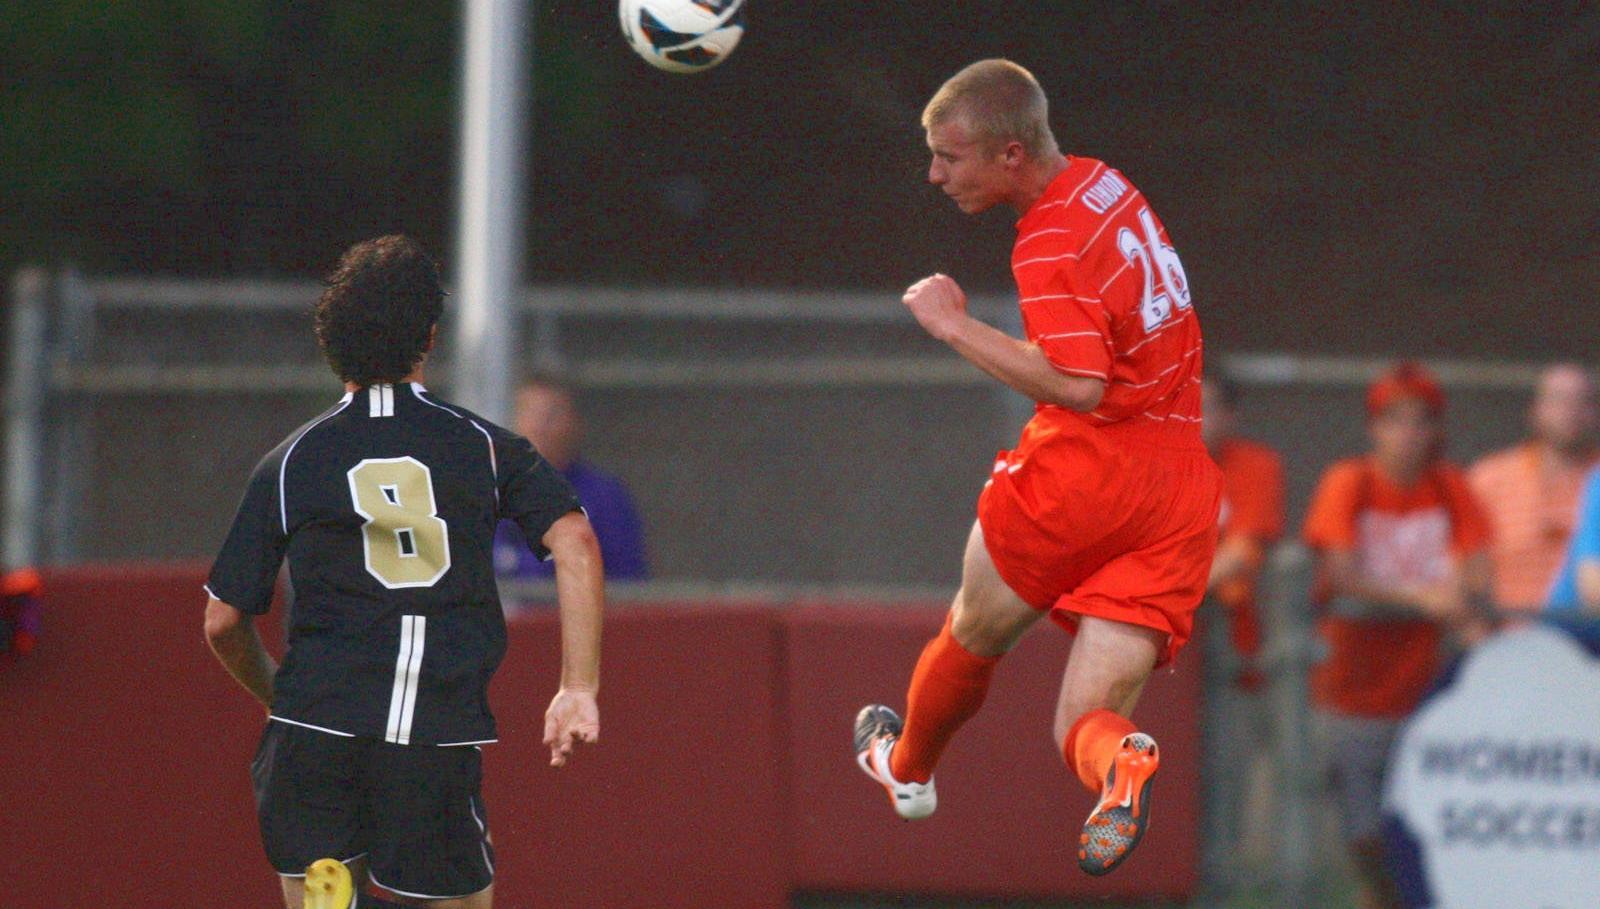 Clemson Men's Soccer To Open 2013 Season Friday vs. Mercer